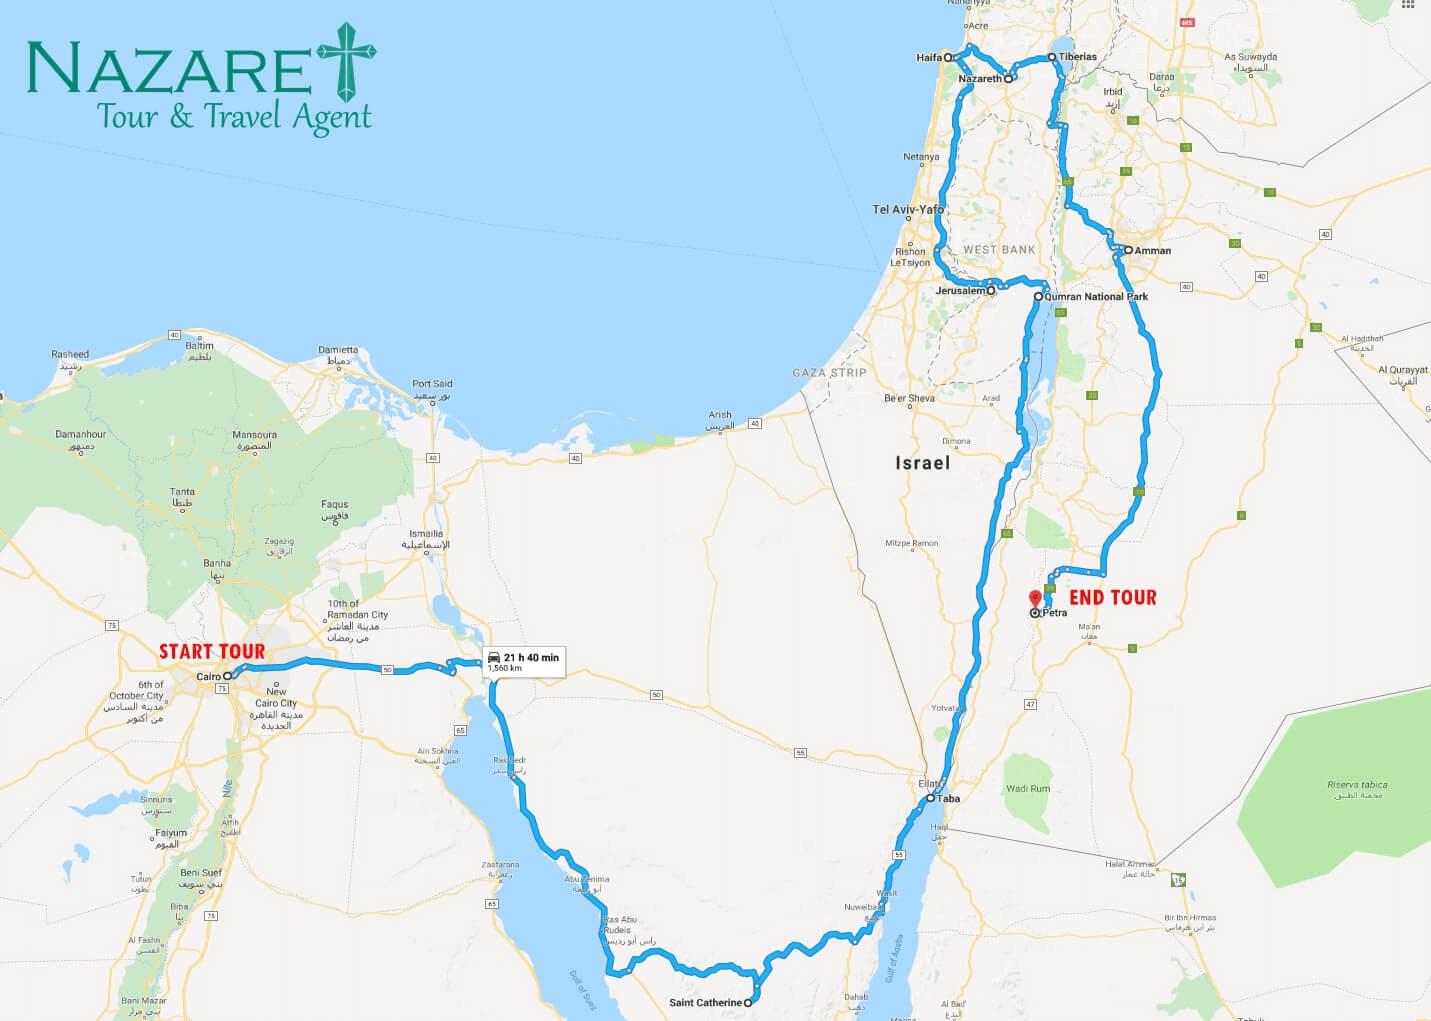 Rute Mesir Israel Jordan + Taba+ Petra